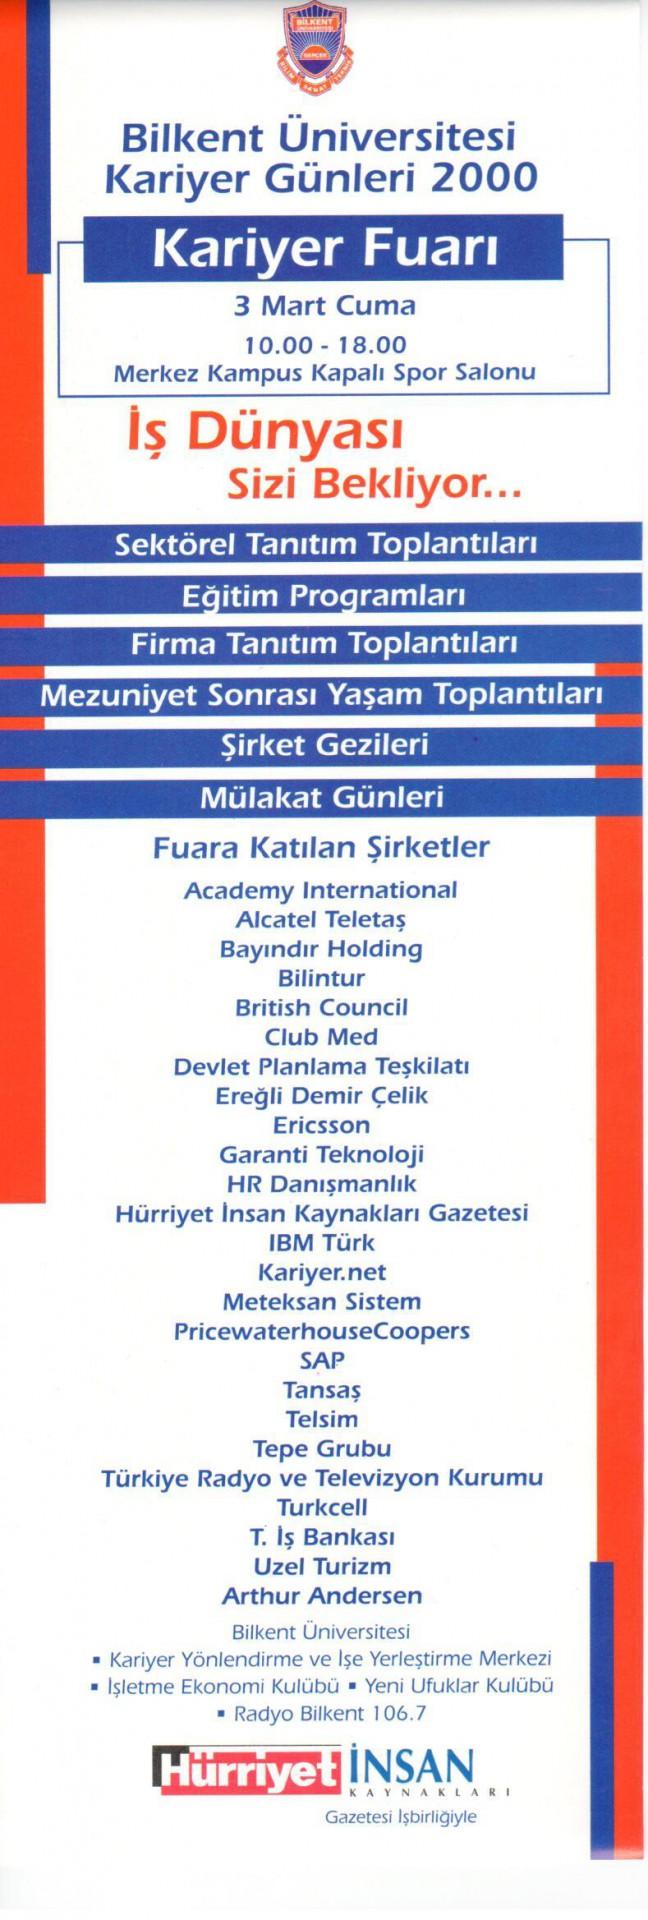 Kariyer Fuarı 2000 1